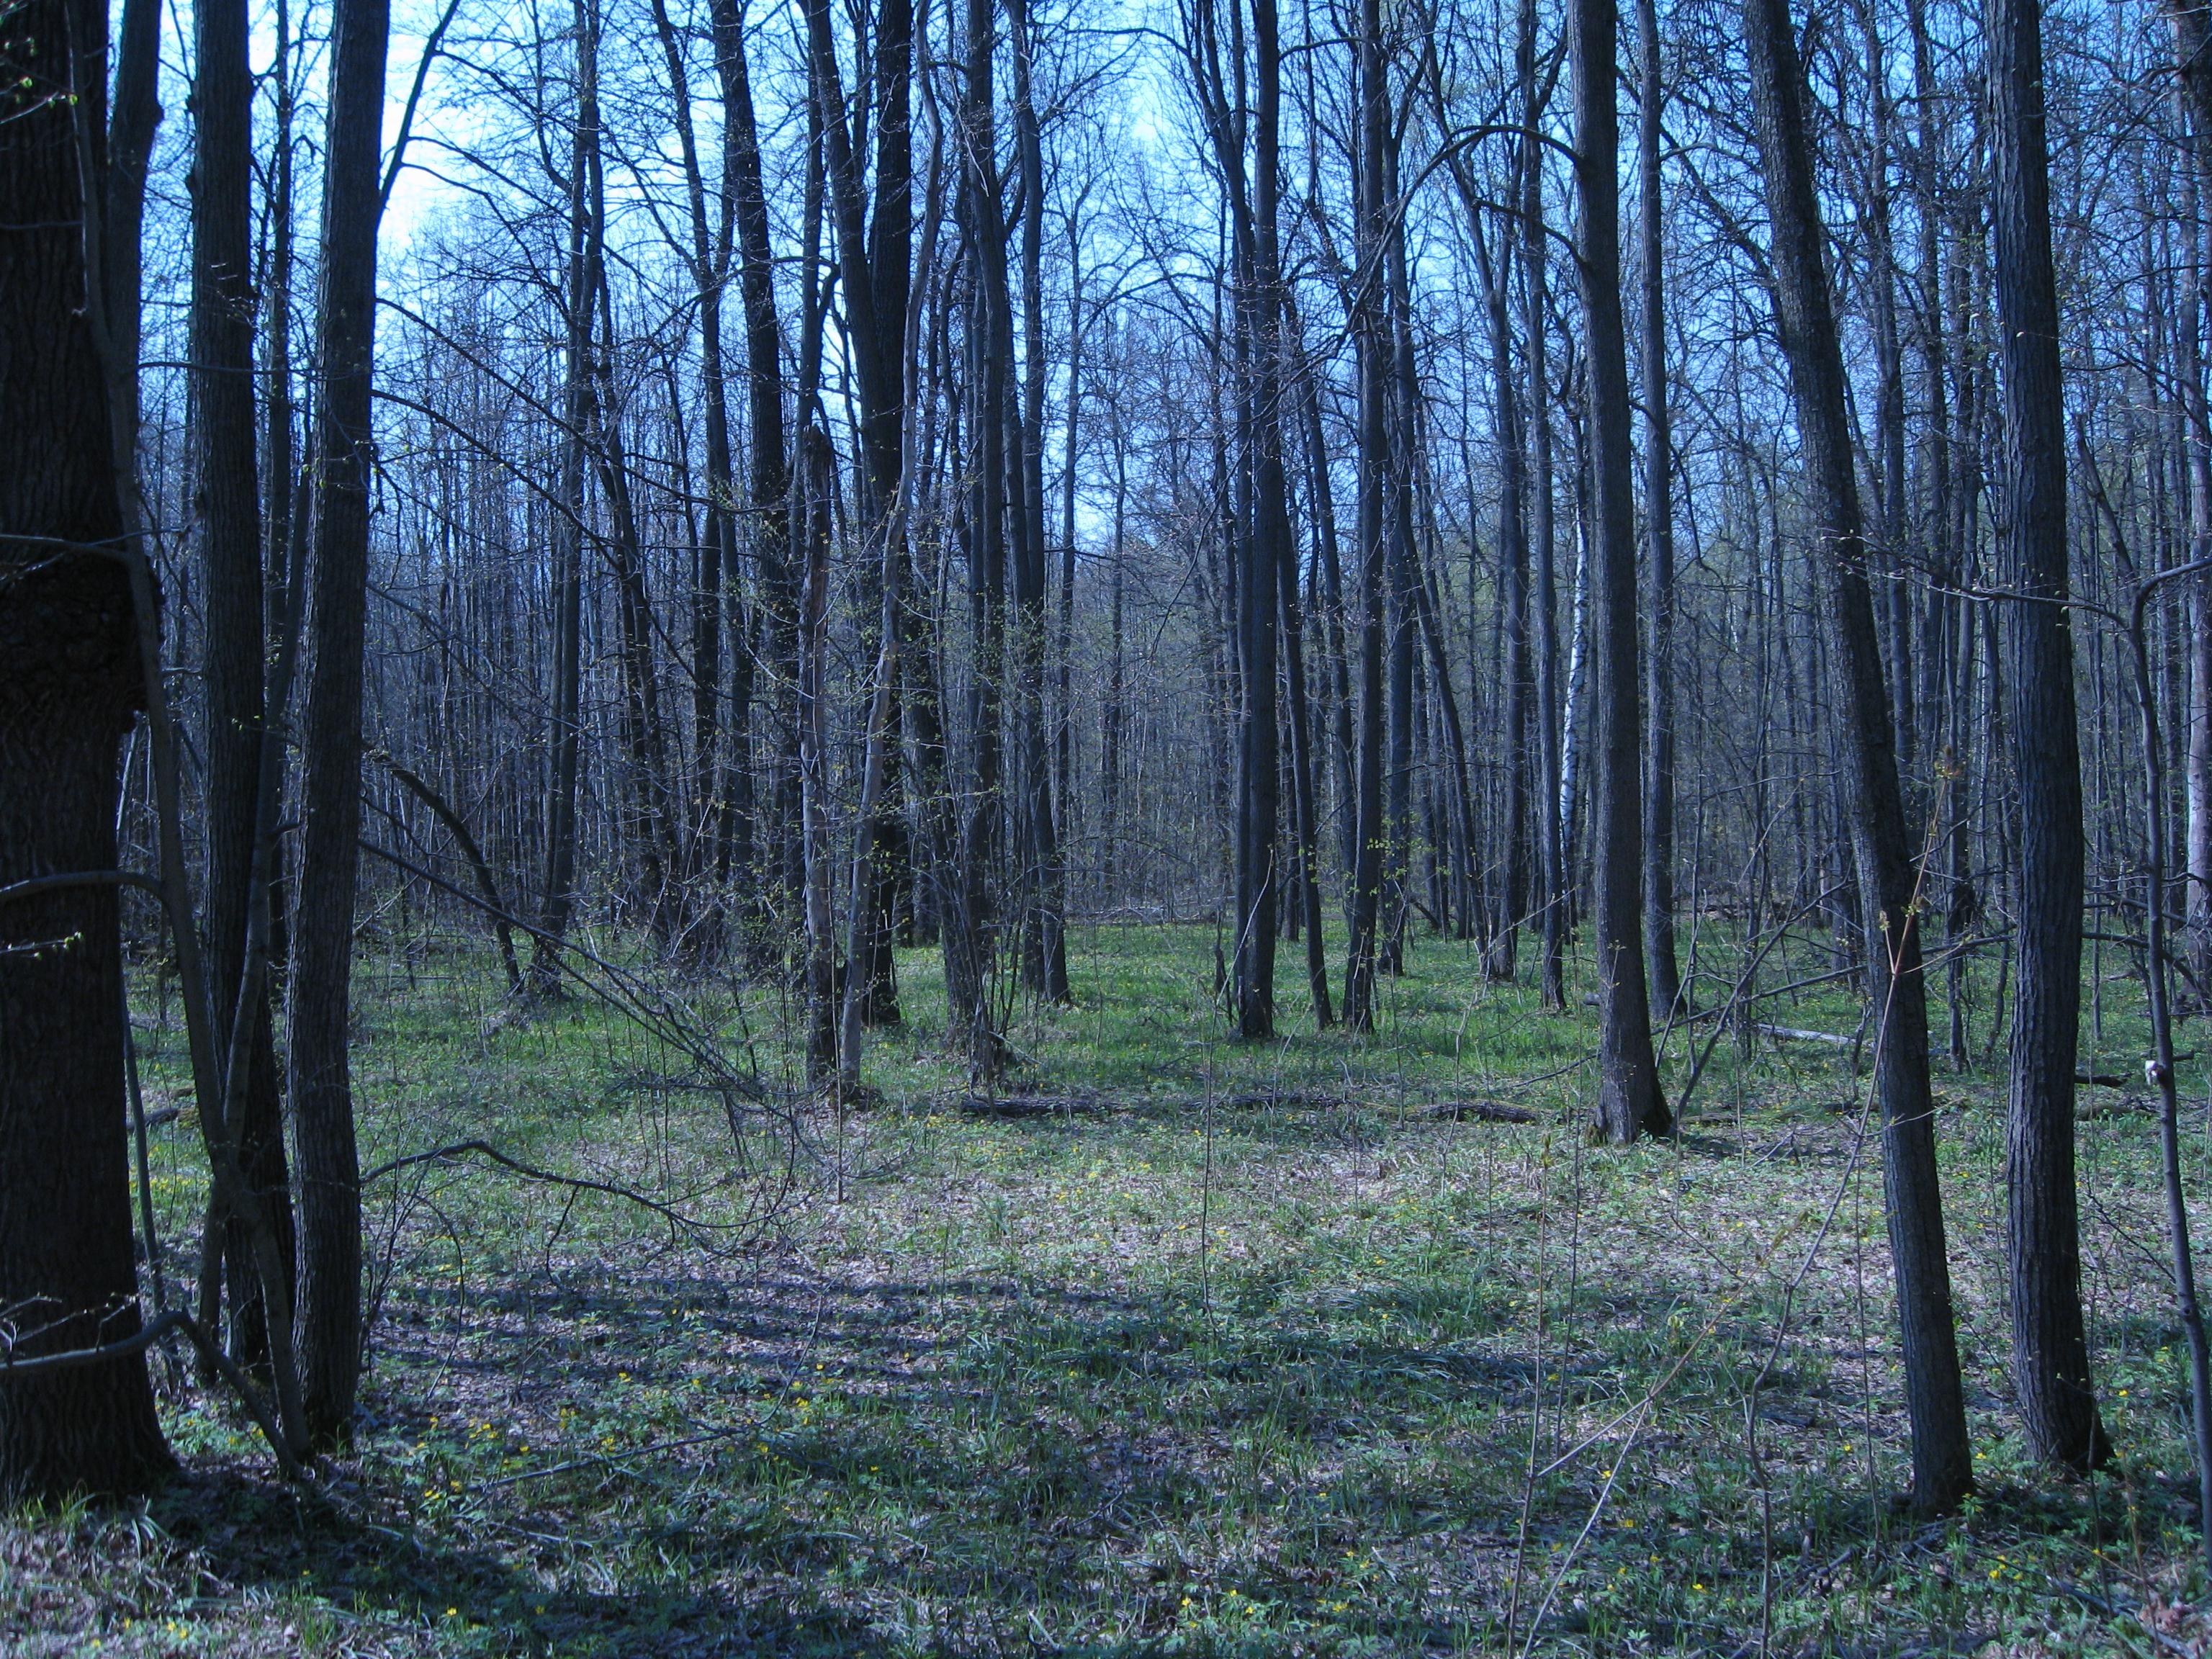 Пожароопасный сезон в тамбовских лесах начался на месяц раньше